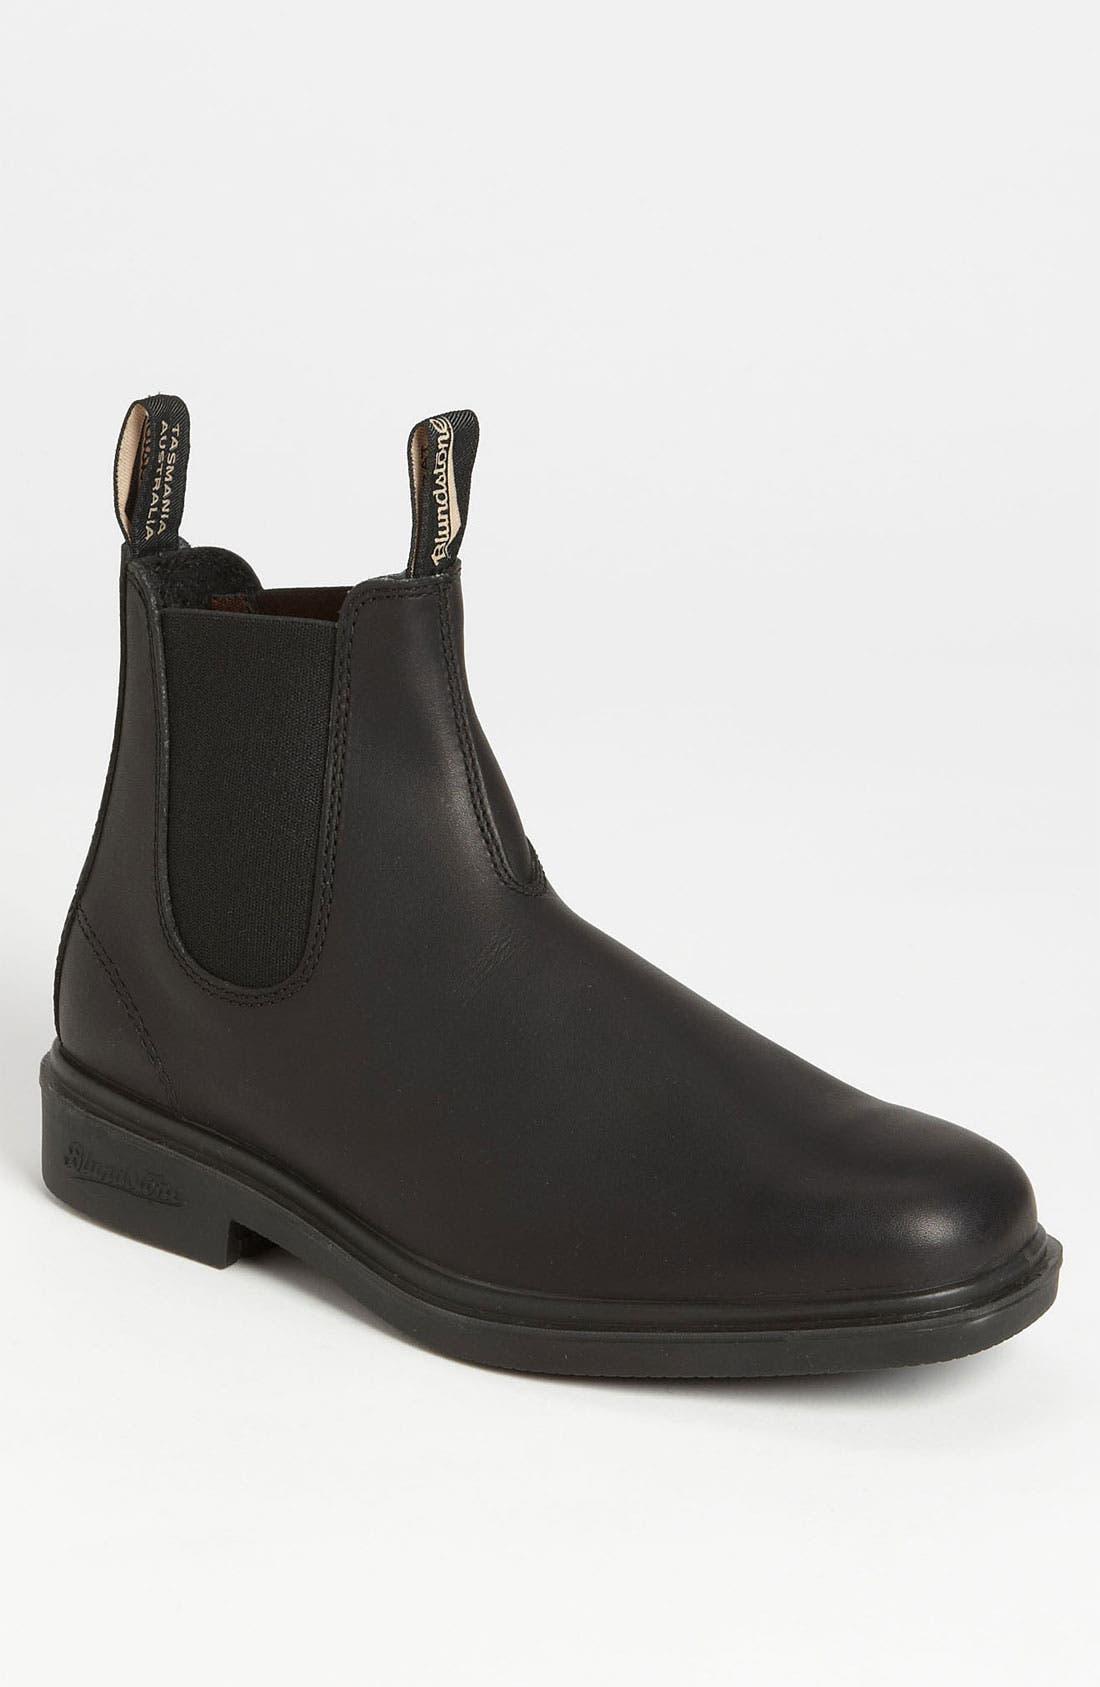 Blundstone Footwear Chelsea Boot